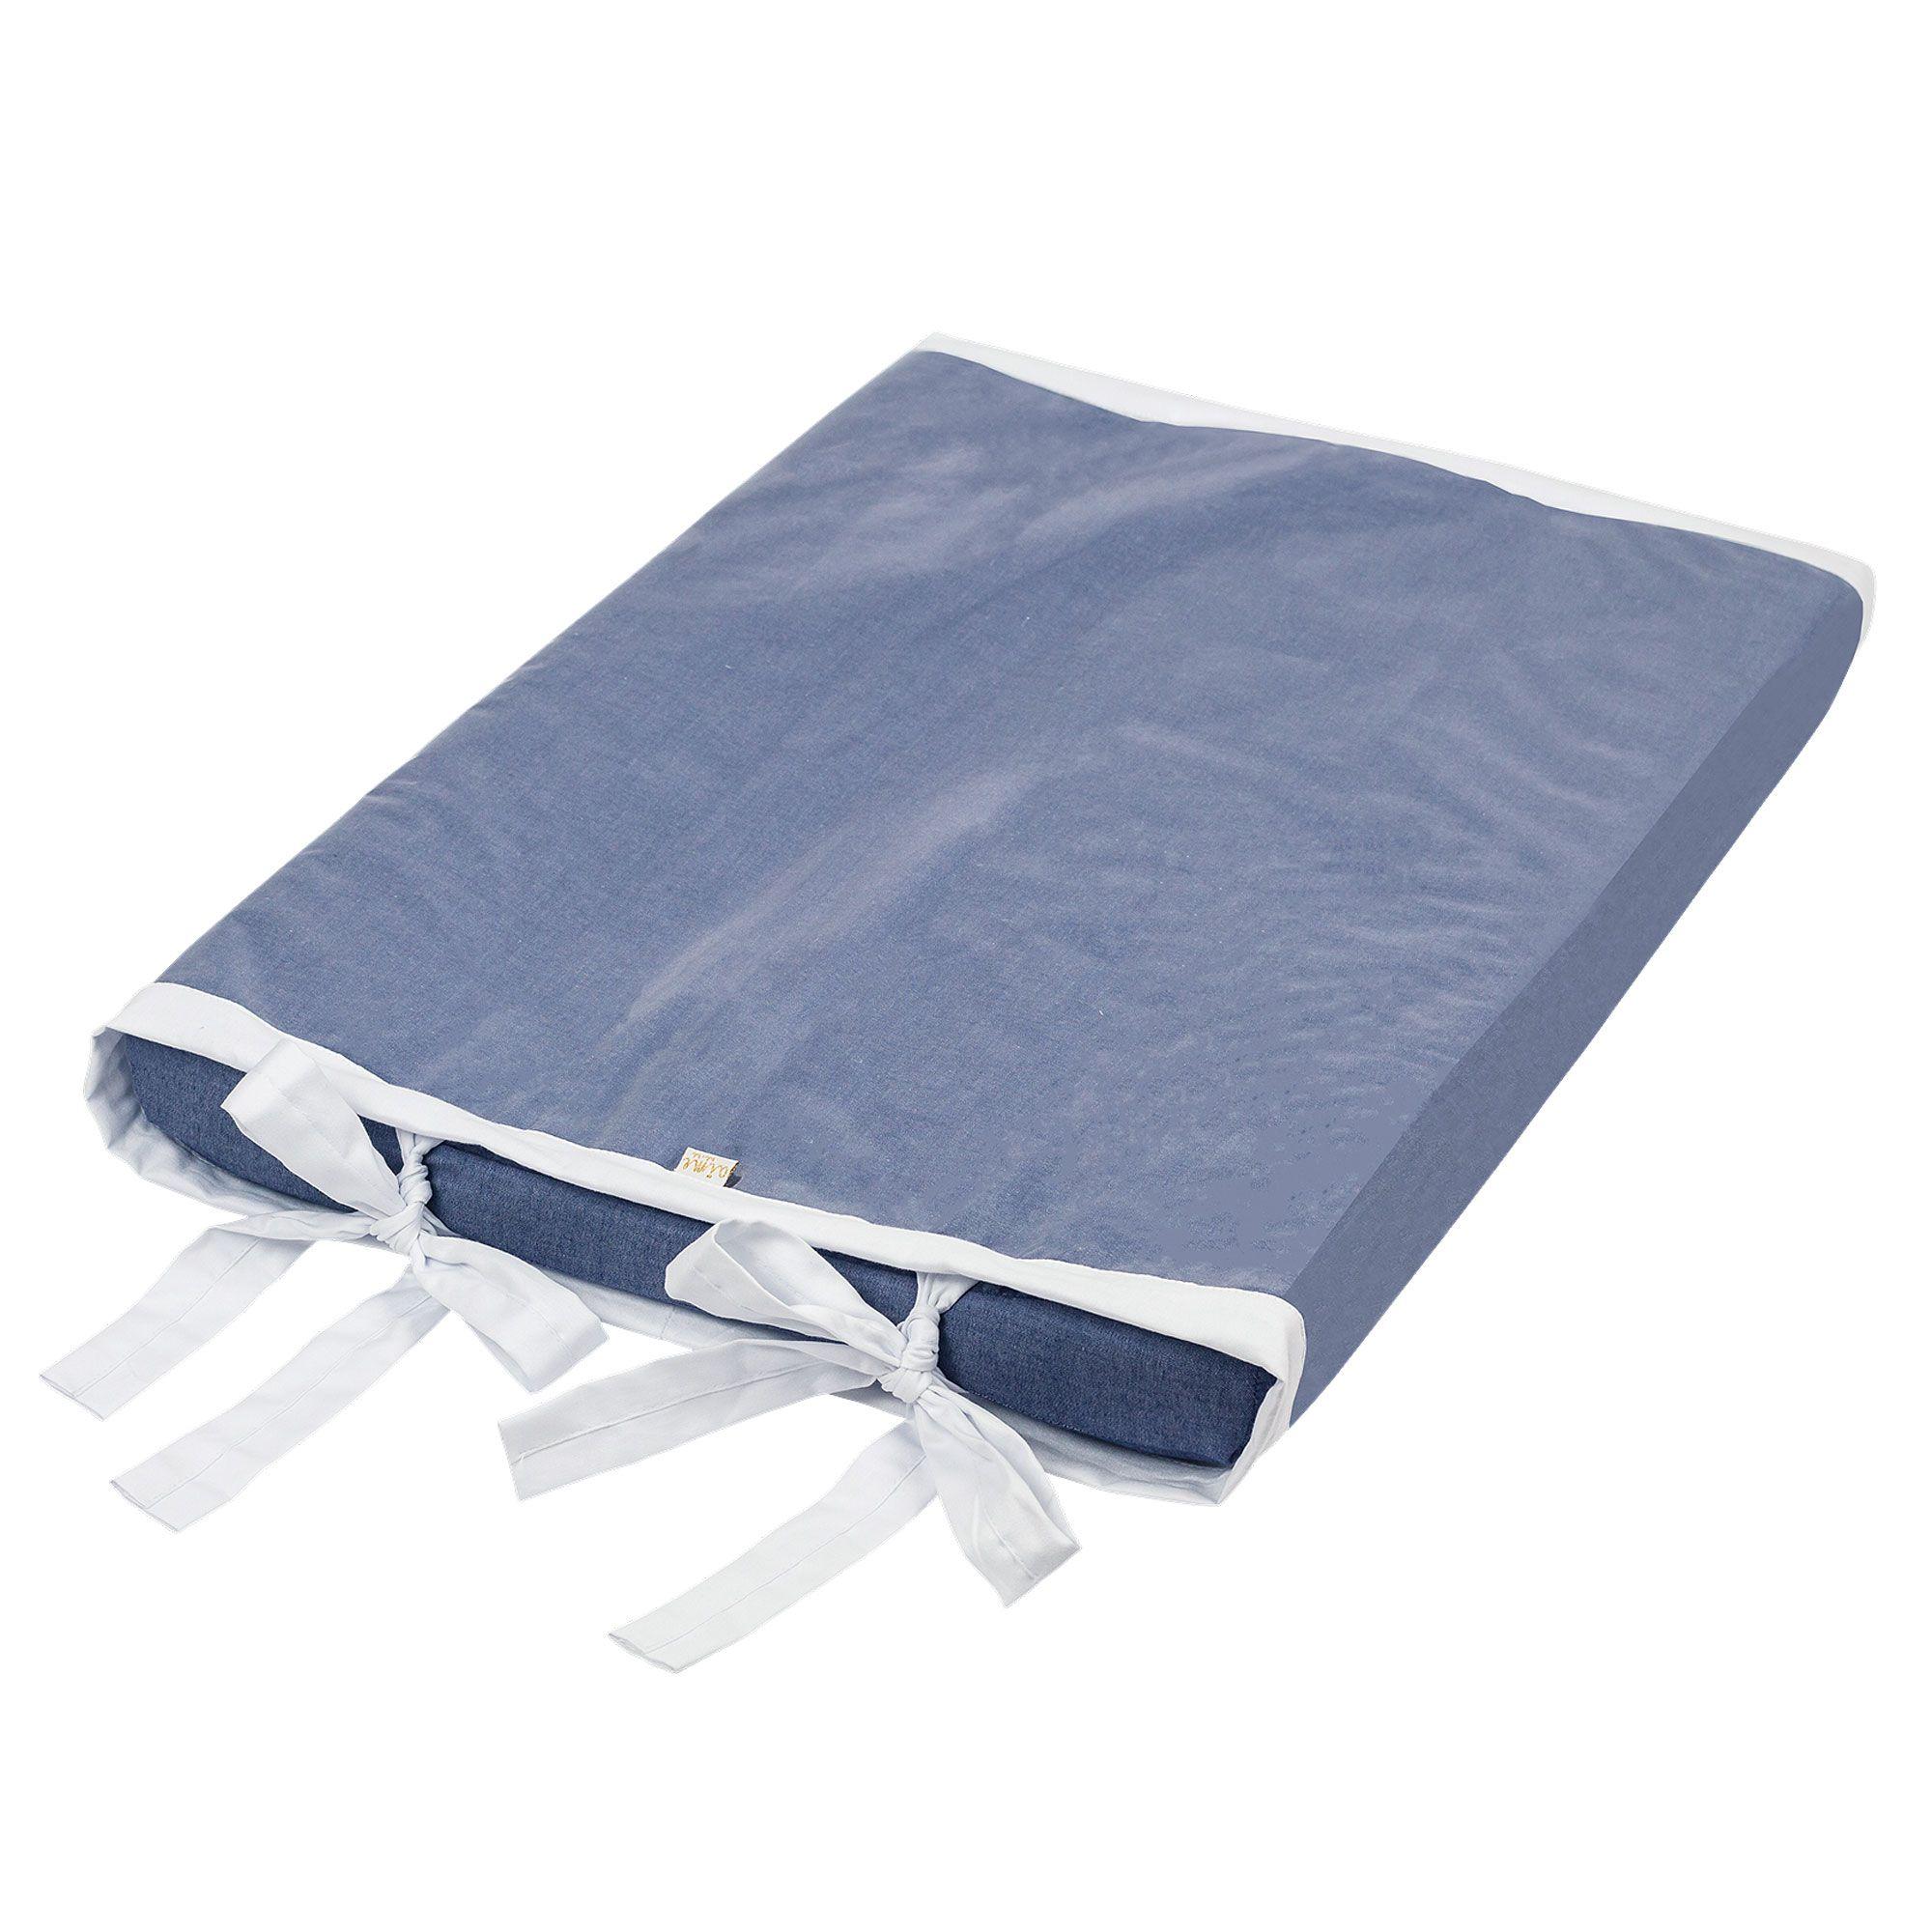 Trocador de Fraldas Anatômico para Bebê Plastificado Chambray Azul Jeans e Branco Coleção Cavalinho